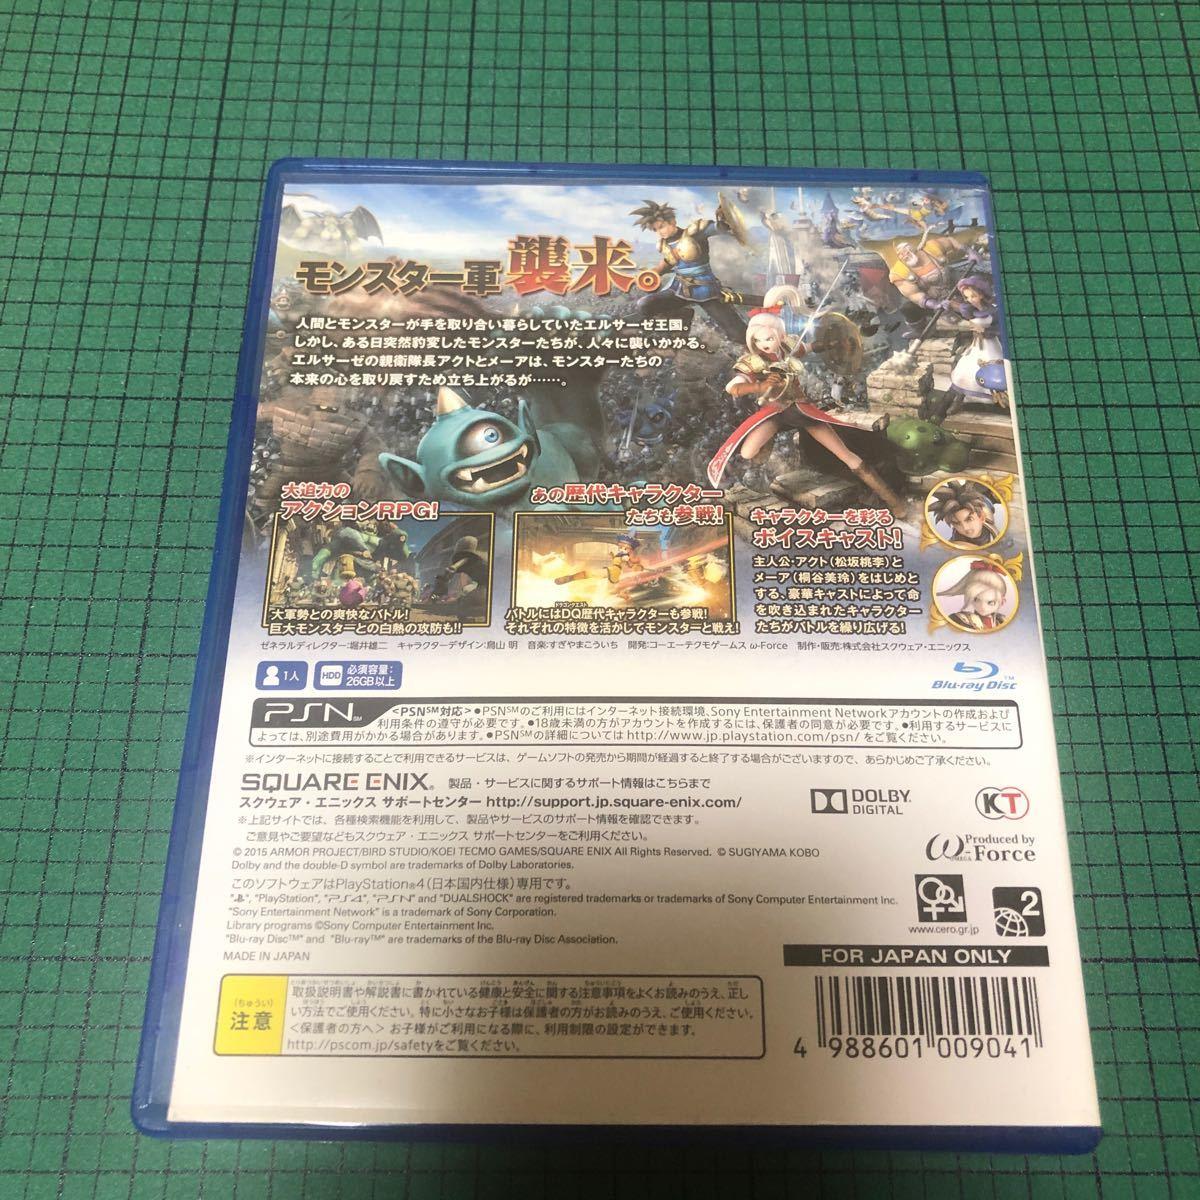 【PS4】ドラゴンクエストヒーローズ 闇竜と世界樹の城 /ドラクエ/PS4ソフト/対象年齢12才以上